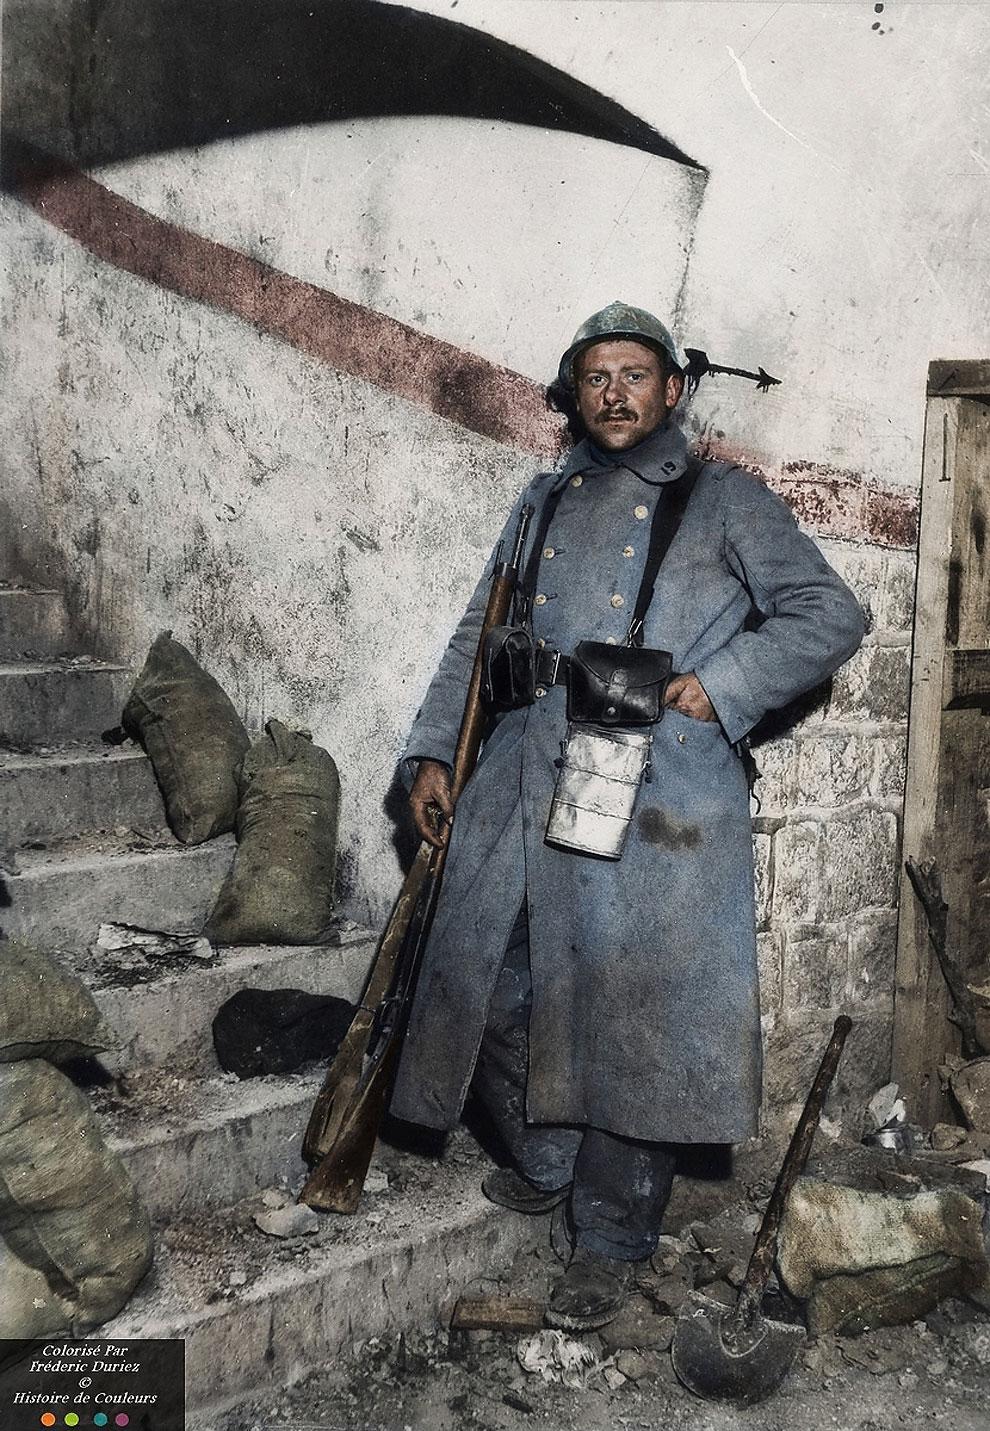 Цветные снимки Первой мировой войны, которые сделаны как будто вчера жизнь,история,курьезы,приколы,факты